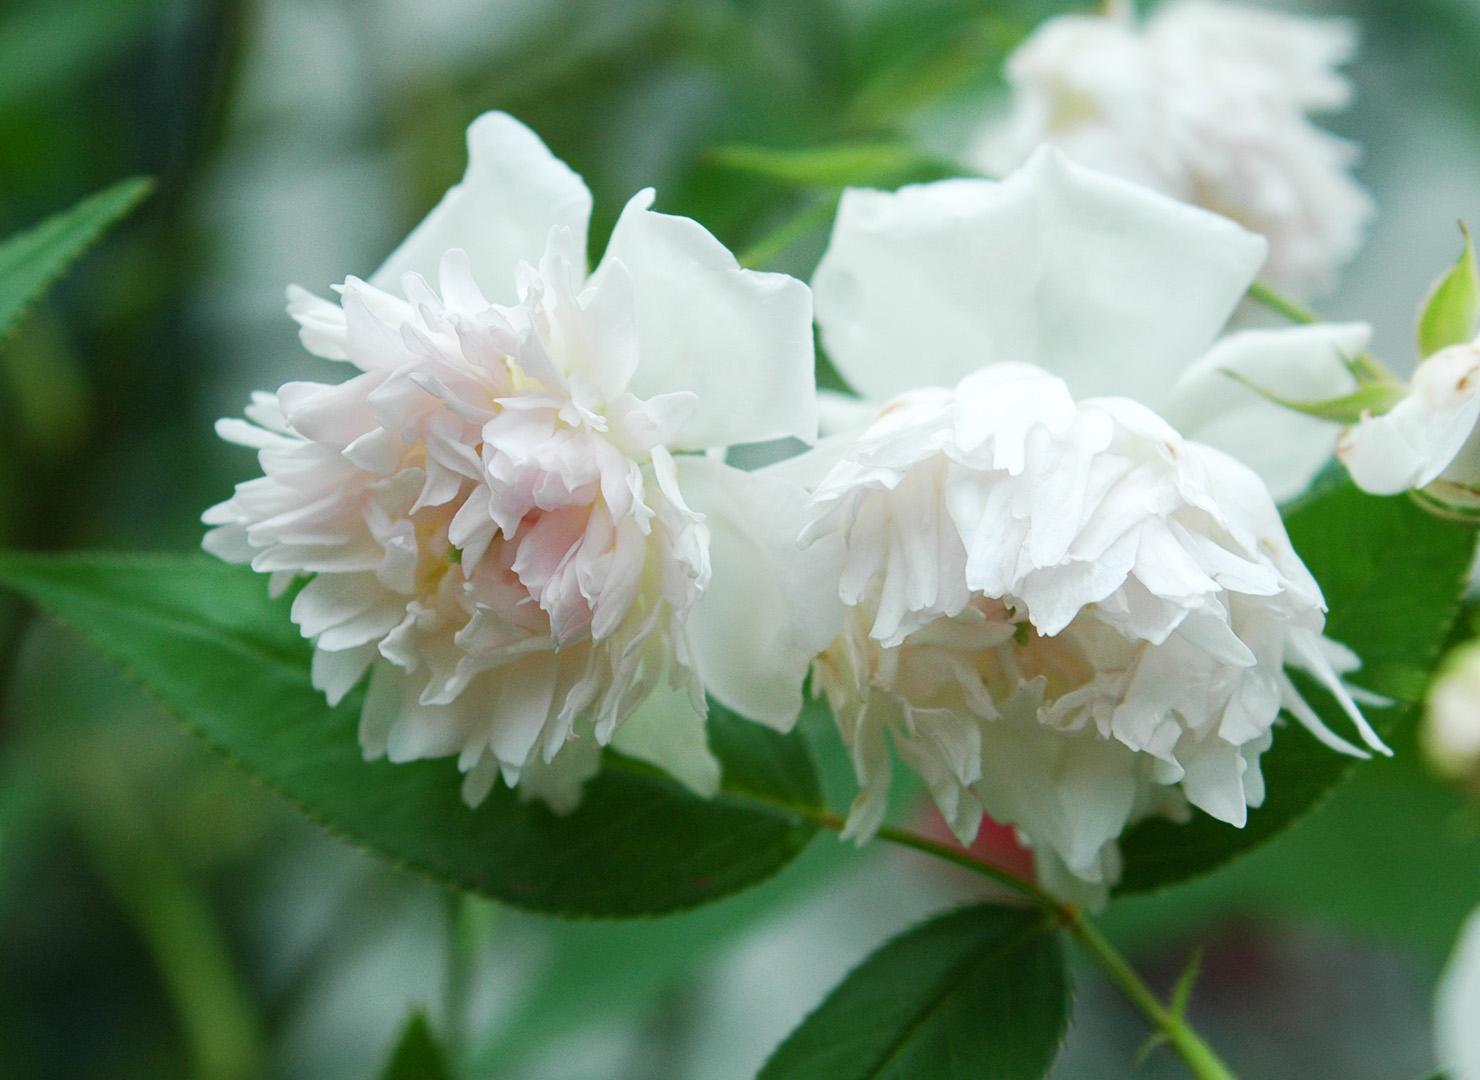 ロサ アネモネフローラ - Rosa anemoneflora